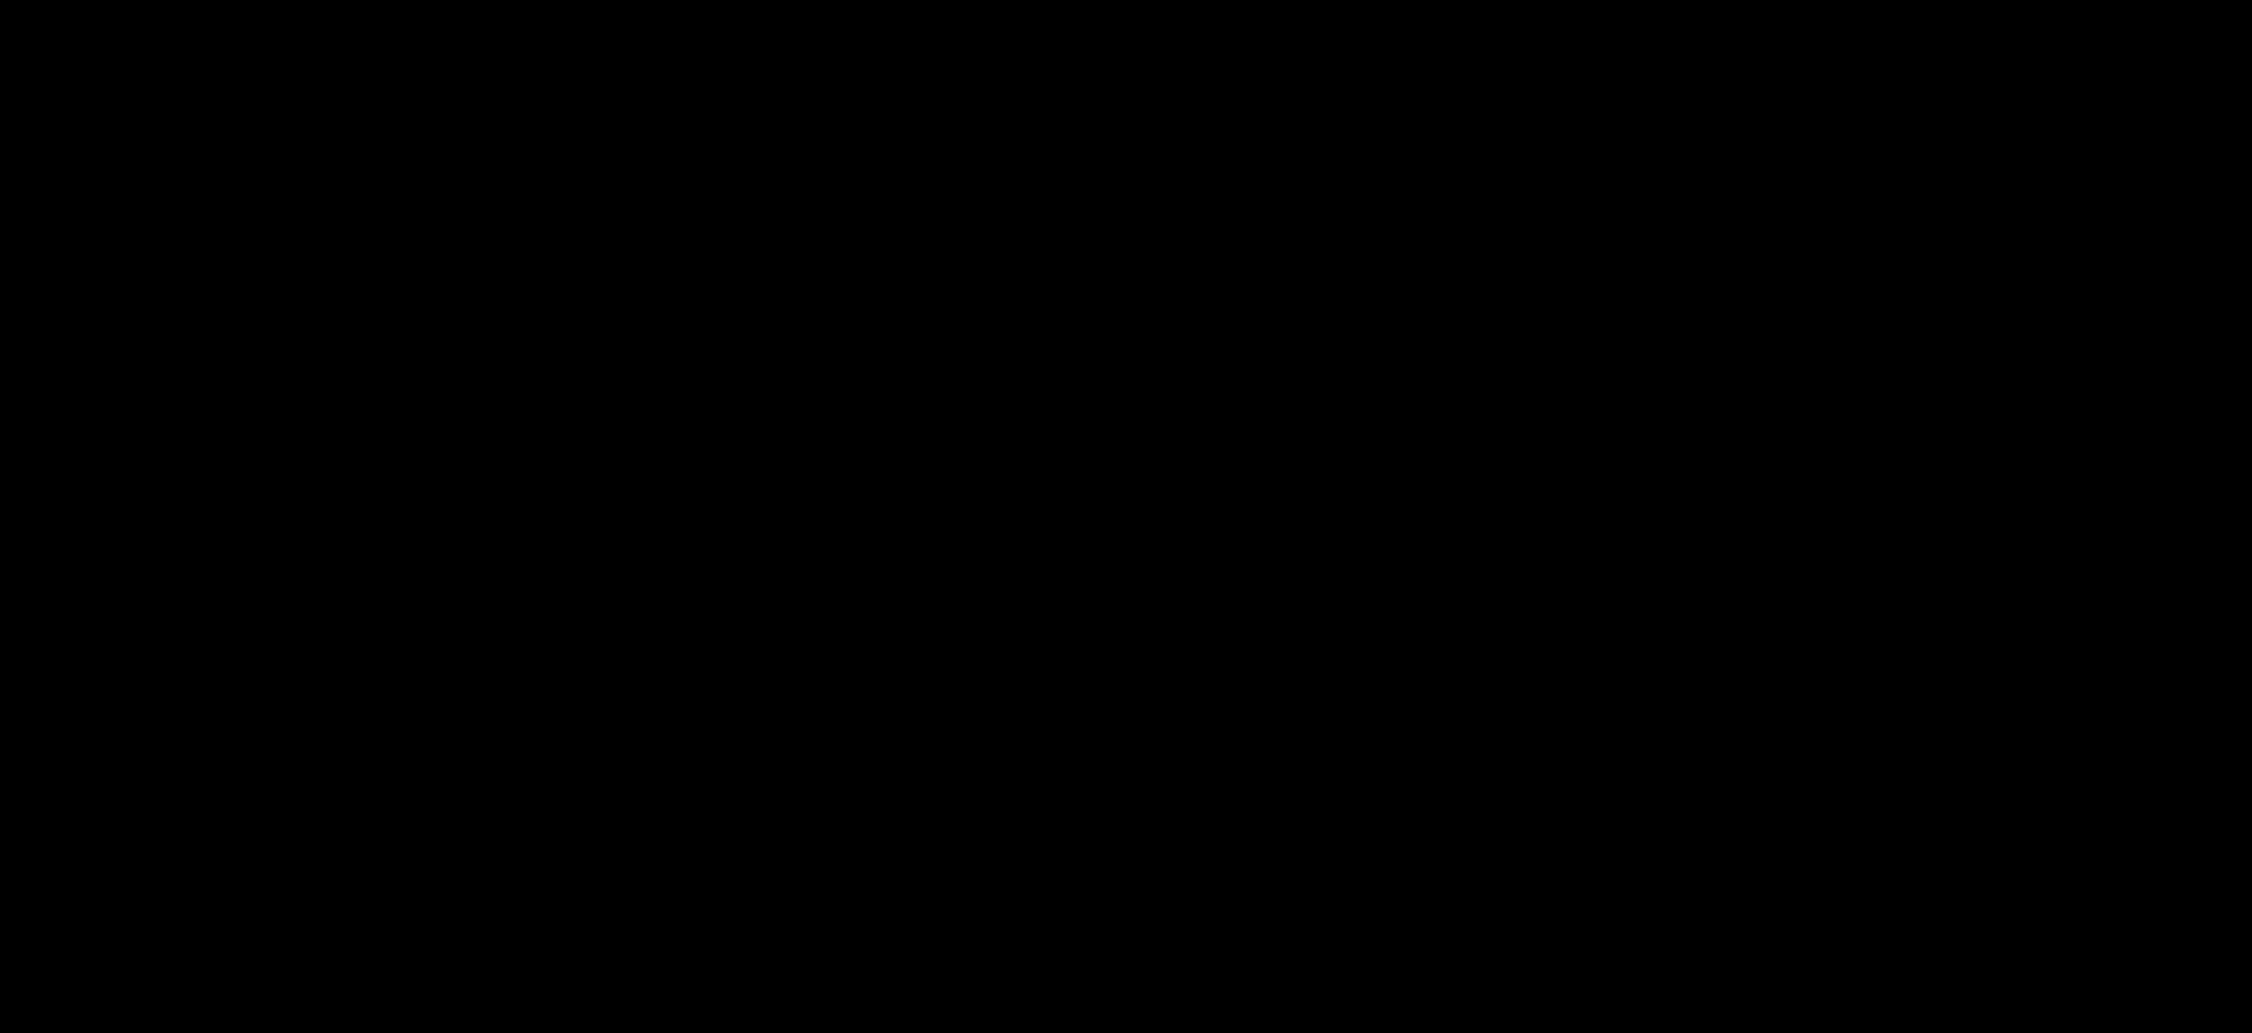 【就活コラム】カンタン自己分析③「学び」から「成長」を考える!